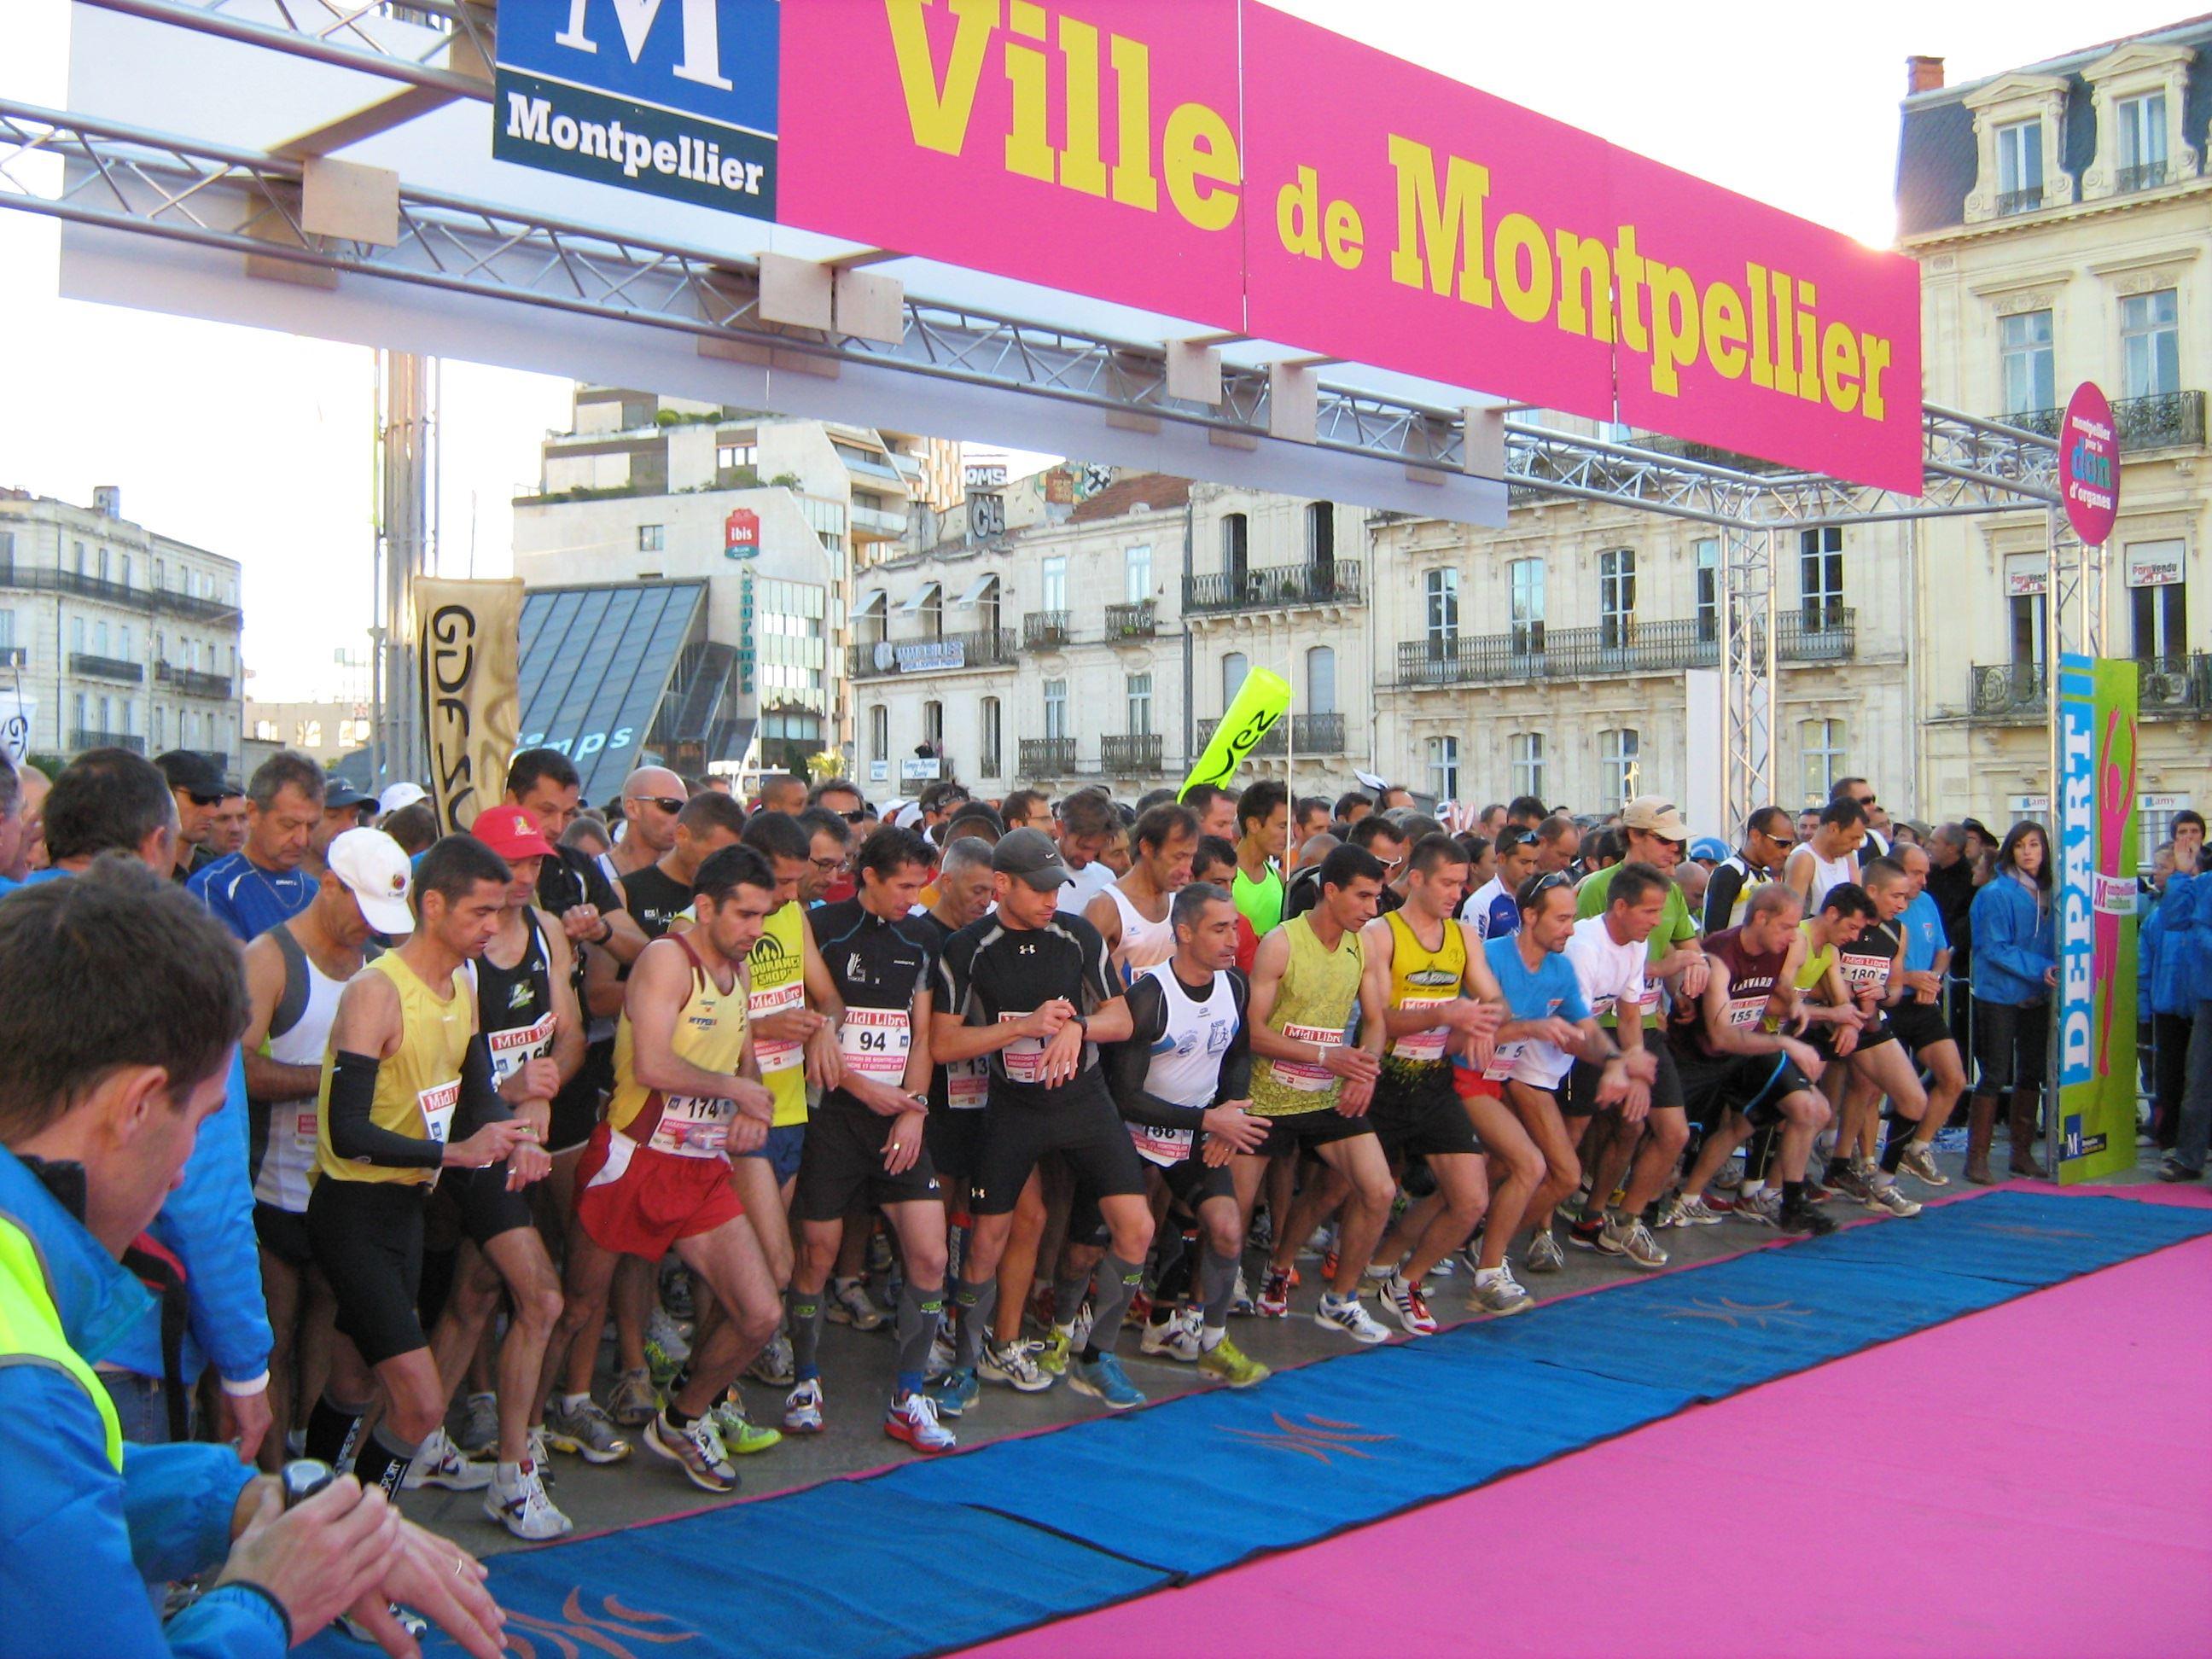 Alles over de Marathon De Montpellier en hoe jij er aan mee kunt doen